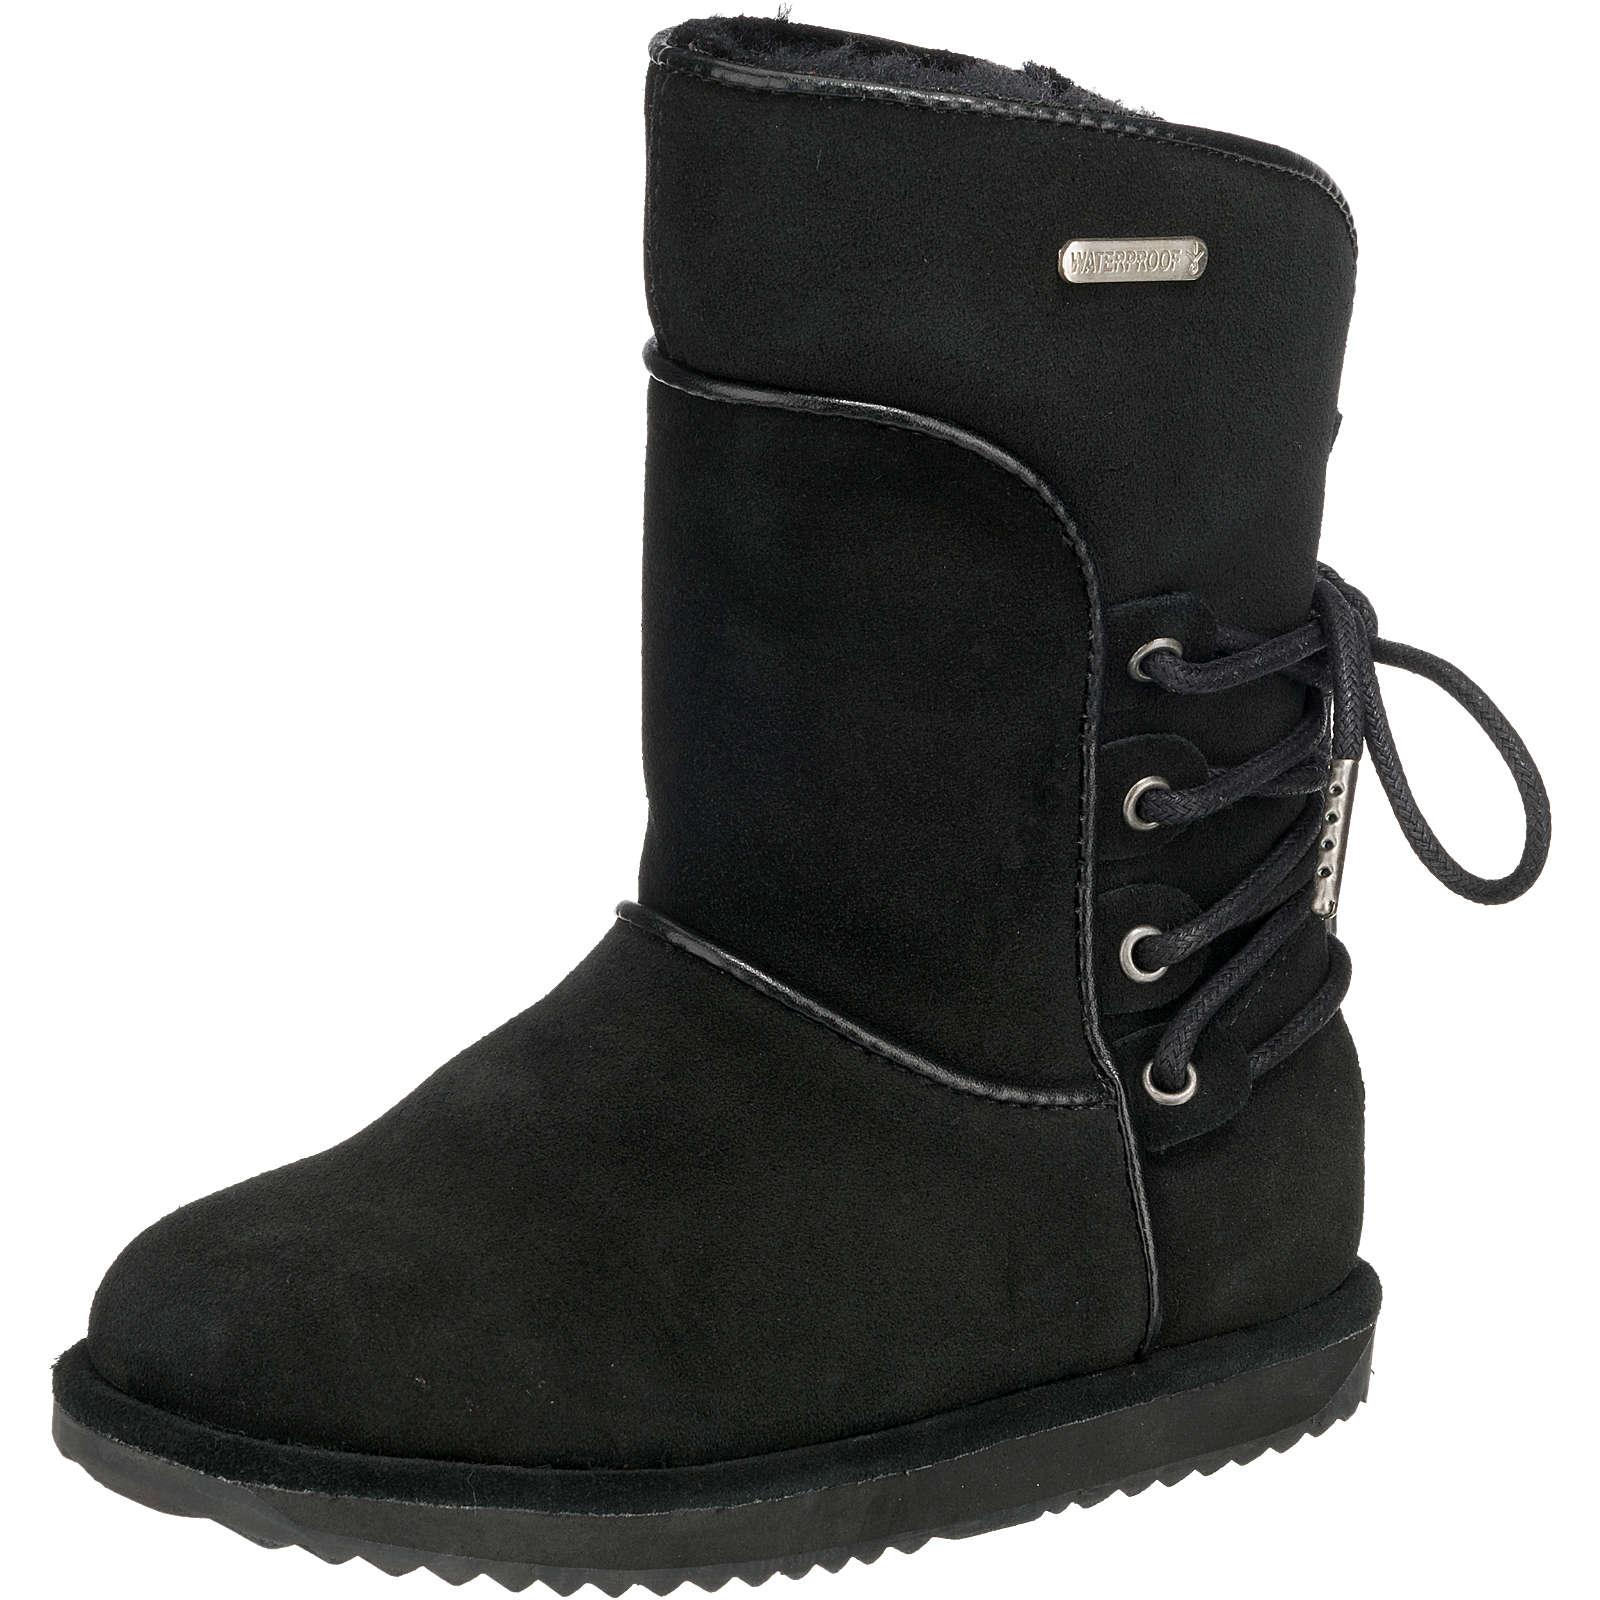 EMU Australia Winterstiefel Islay Kids, waterproof, für Mädchen schwarz Gr. 33/34 jetztbilligerkaufen